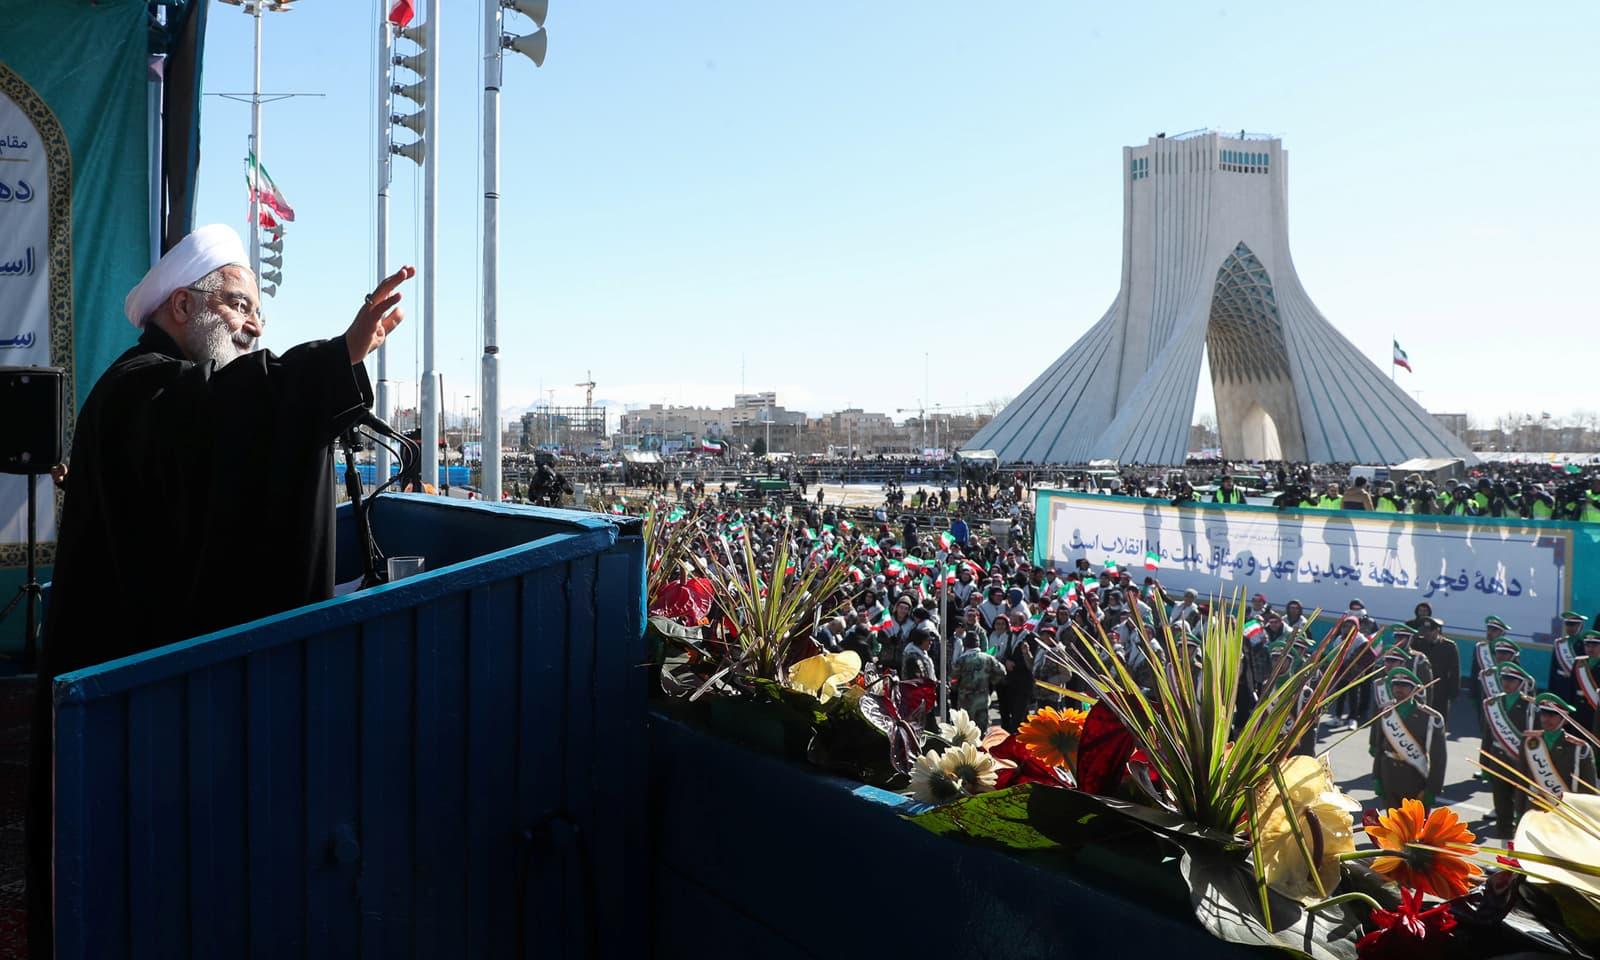 ایران کے صدر حسن روحانی عوام کو سلام پیش کررہے ہیں—فوٹو: رائٹرز